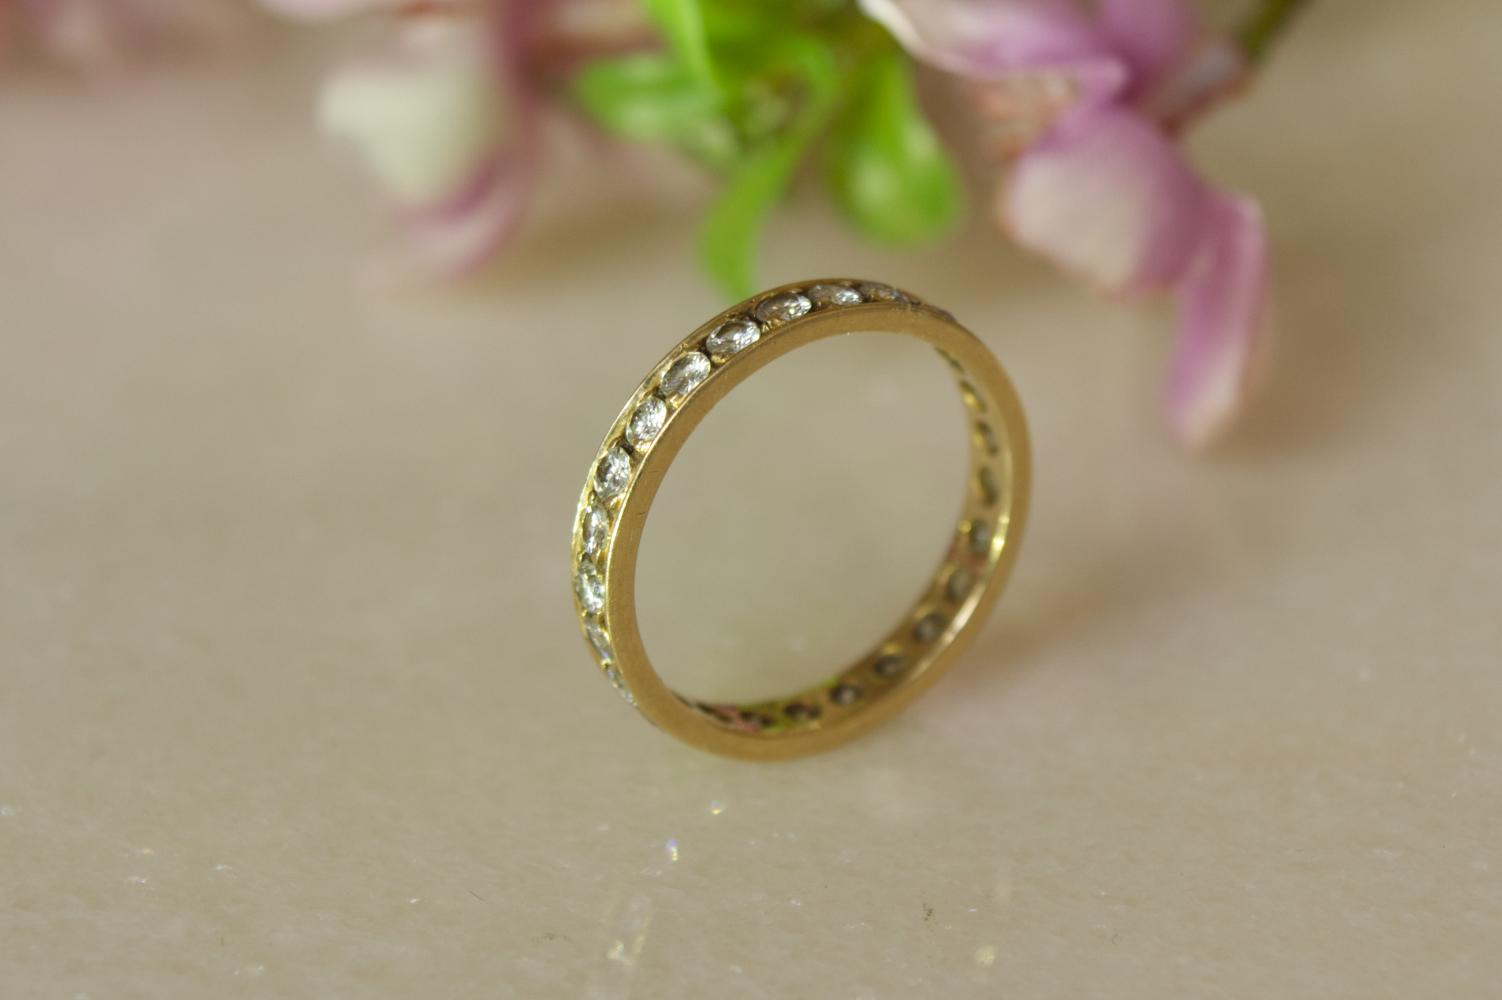 Memory Ring mit Brillanten in Gelbgold 750 gefasst in schöner Stimmung